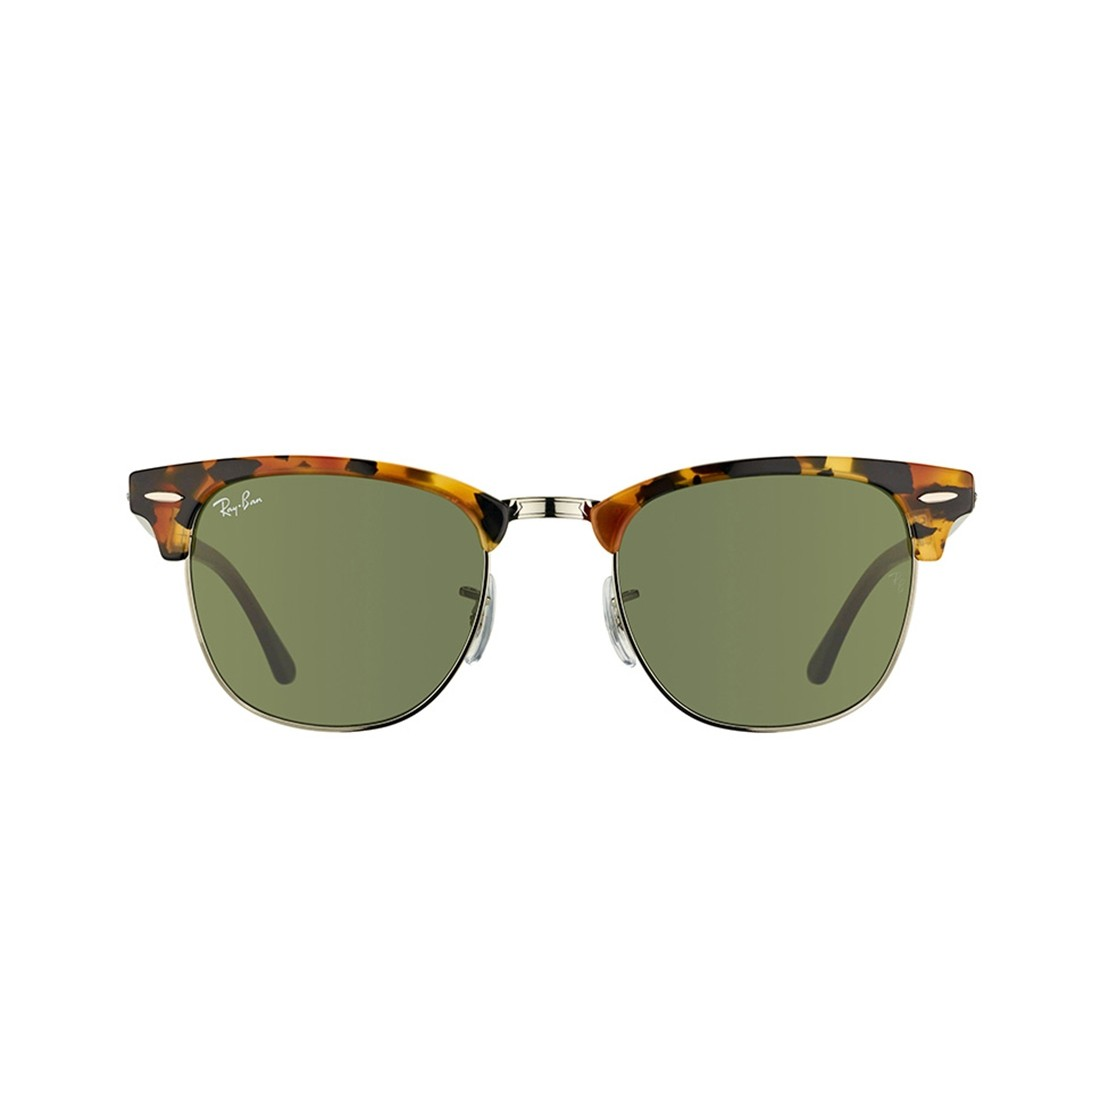 Ray Ban Clubmaster RB 3016 Óculos de Sol - 51 - Tartaruga